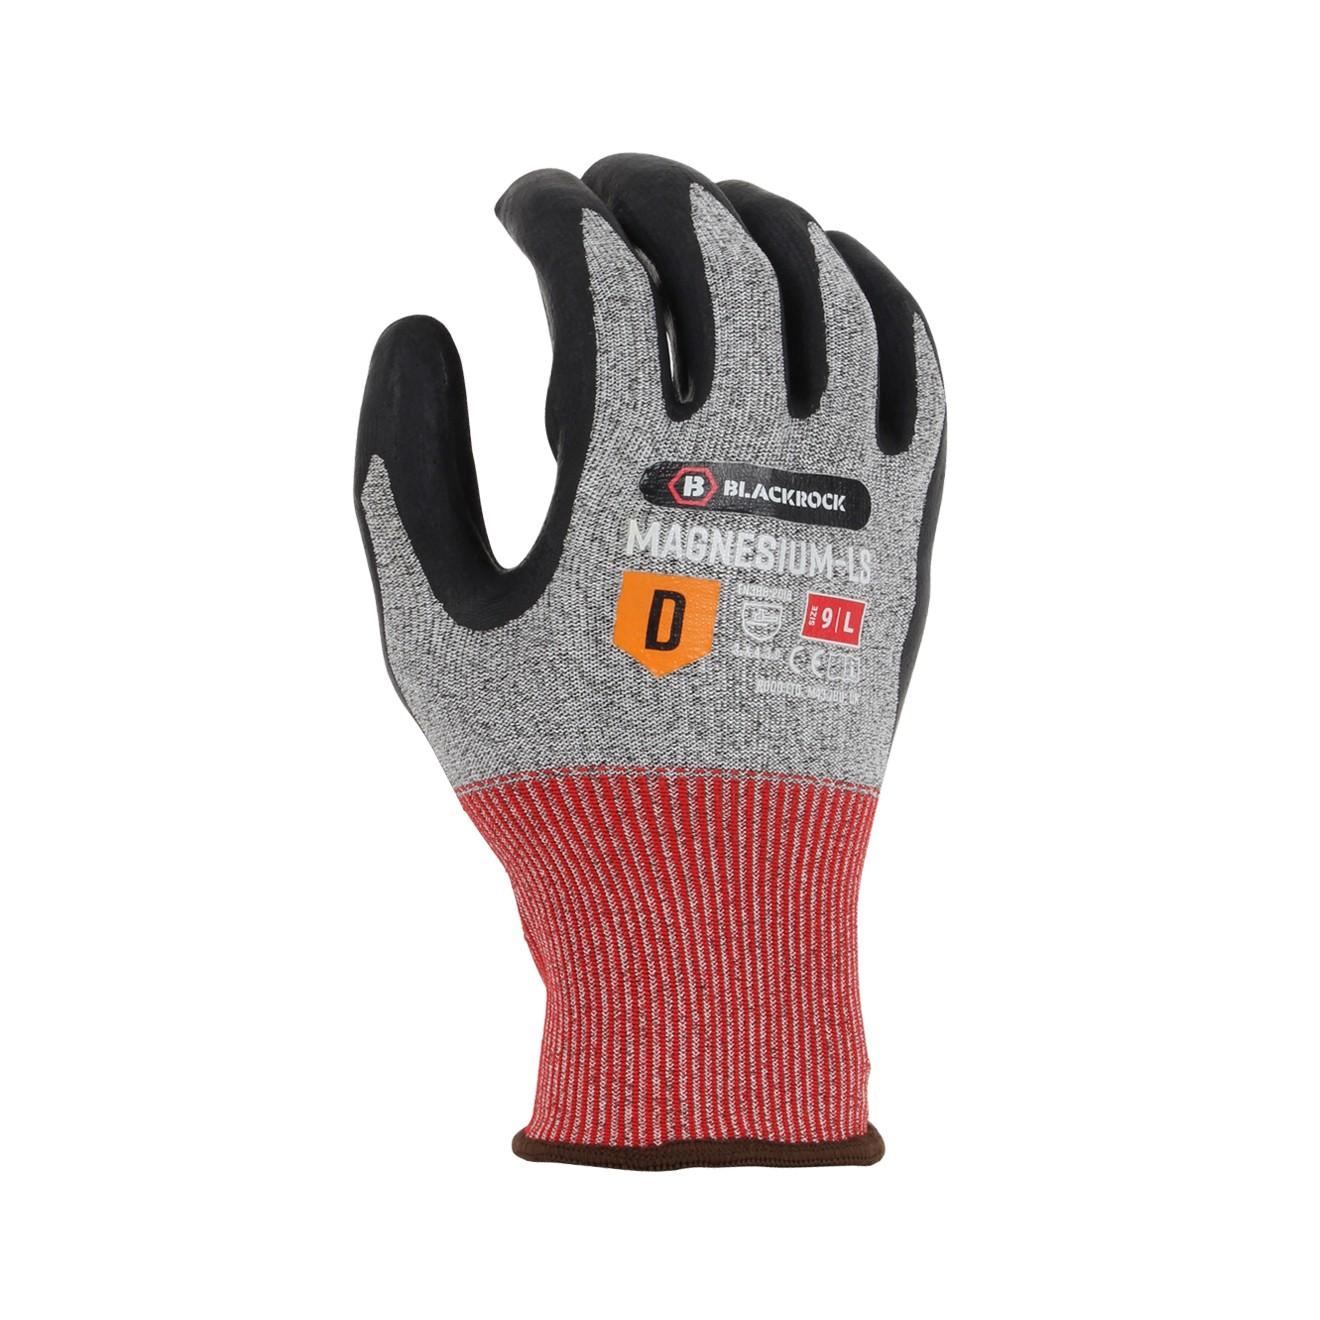 Magnesium-LS Cut Resistant Glove